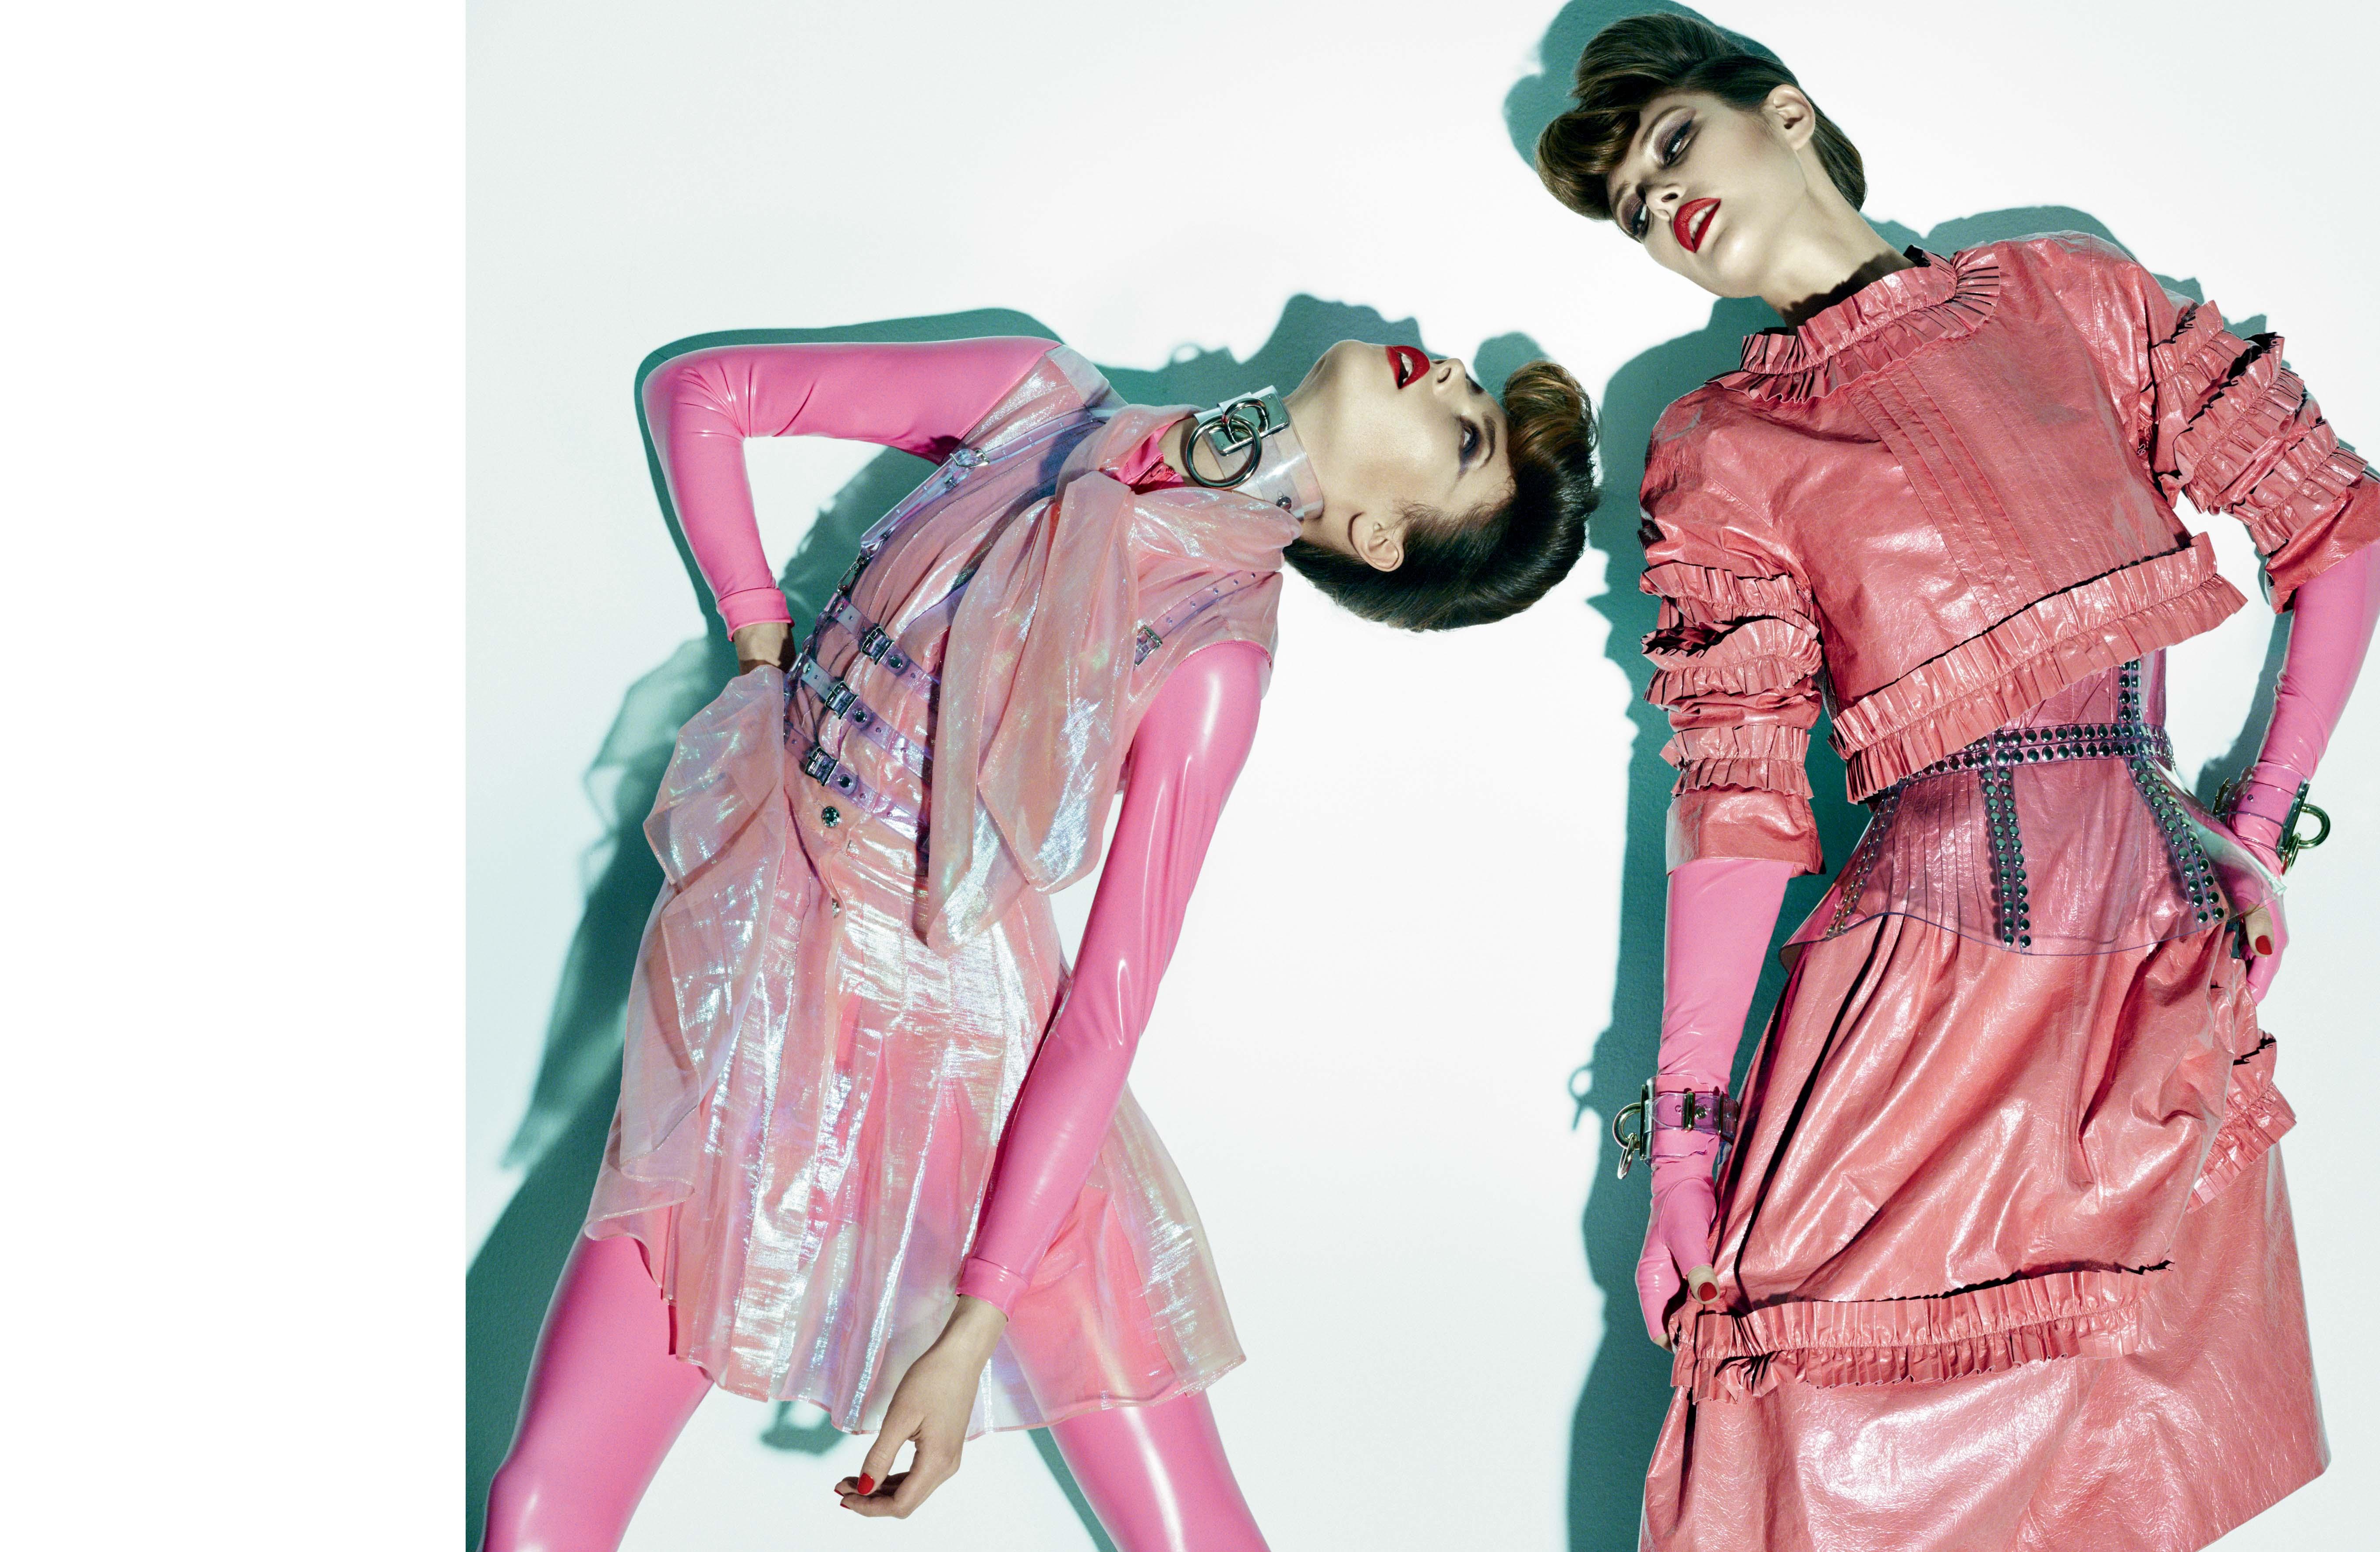 De gauche à droite : robe en gaze irisée, CHANEL. Combinaison en PVC, TASTY TIGER. Harnais et collier, ZANA BAYNE. Haut et robe en cuir irisé, CHANEL. Mitaines, TASTY TIGER. Corset et bracelets, ZANA BAYNE.